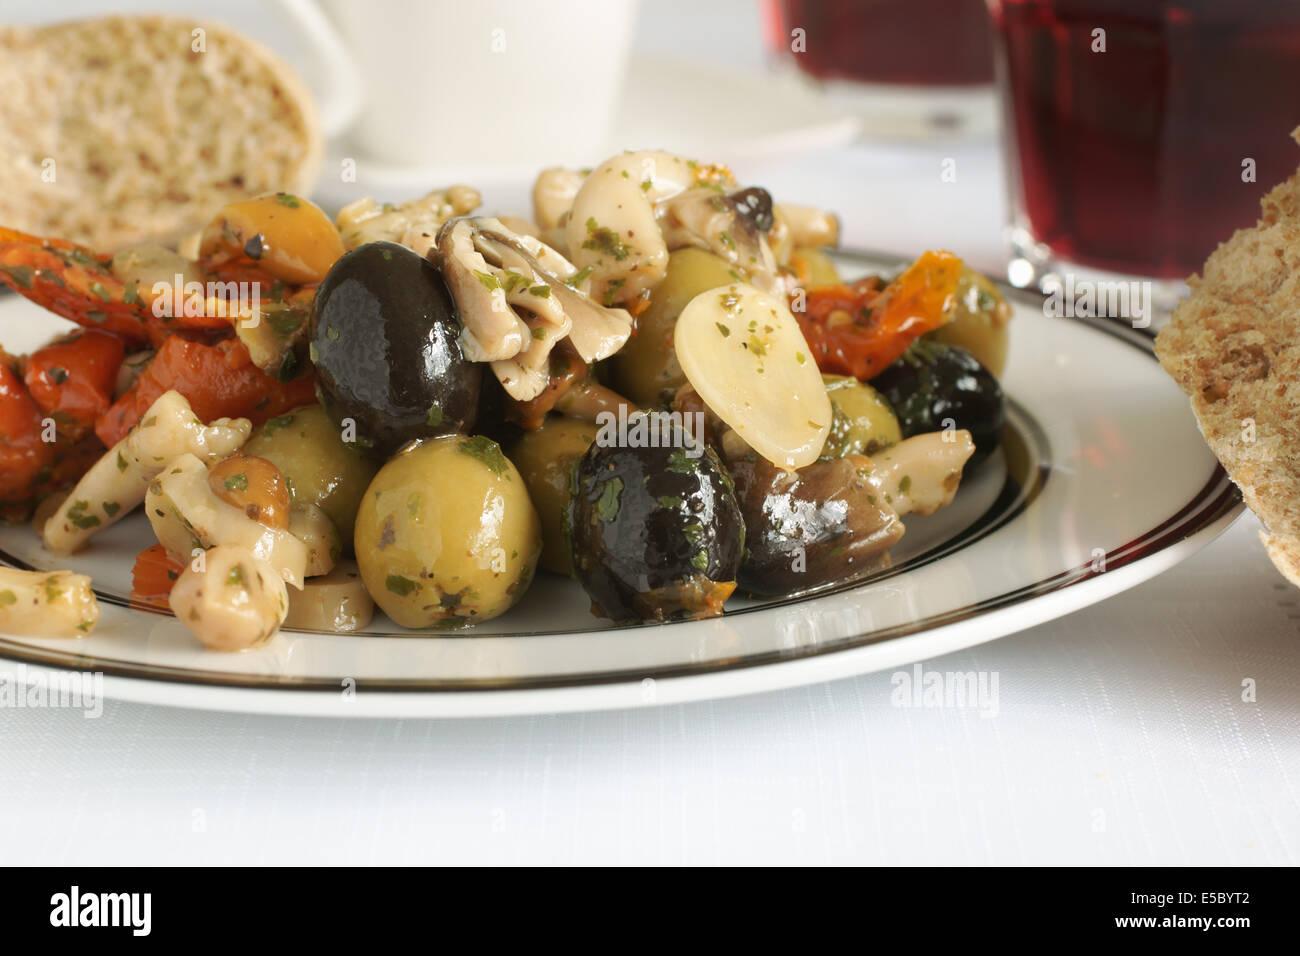 Antipasti fatti con olive aglio pomodoro secco e Funghi Shitake Foto Stock